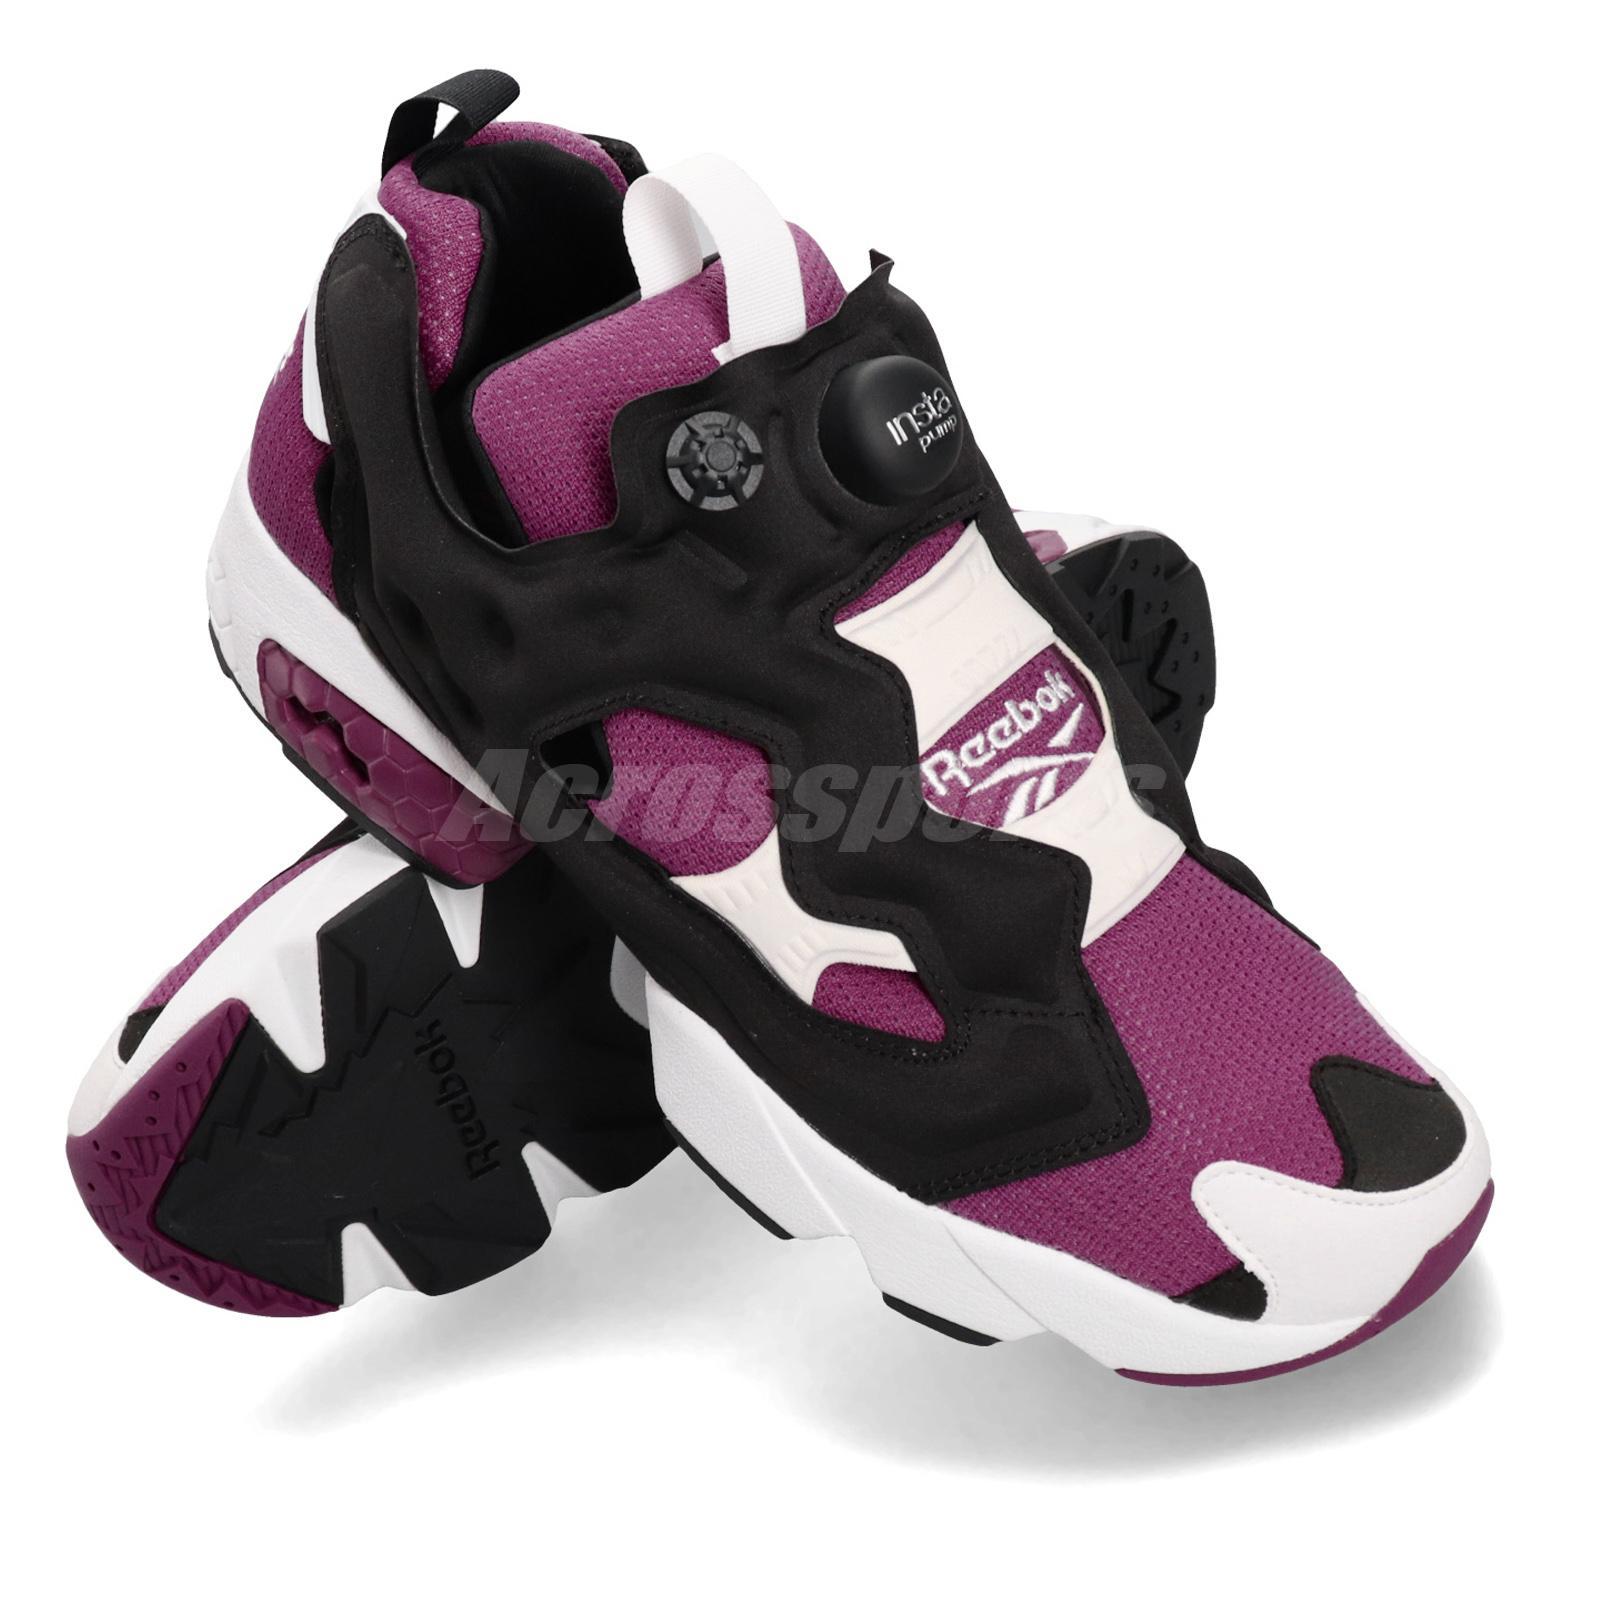 Reebok Instapump Fury OG M40933 schwarz//lila//weiß Männer Schuhe Sneaker